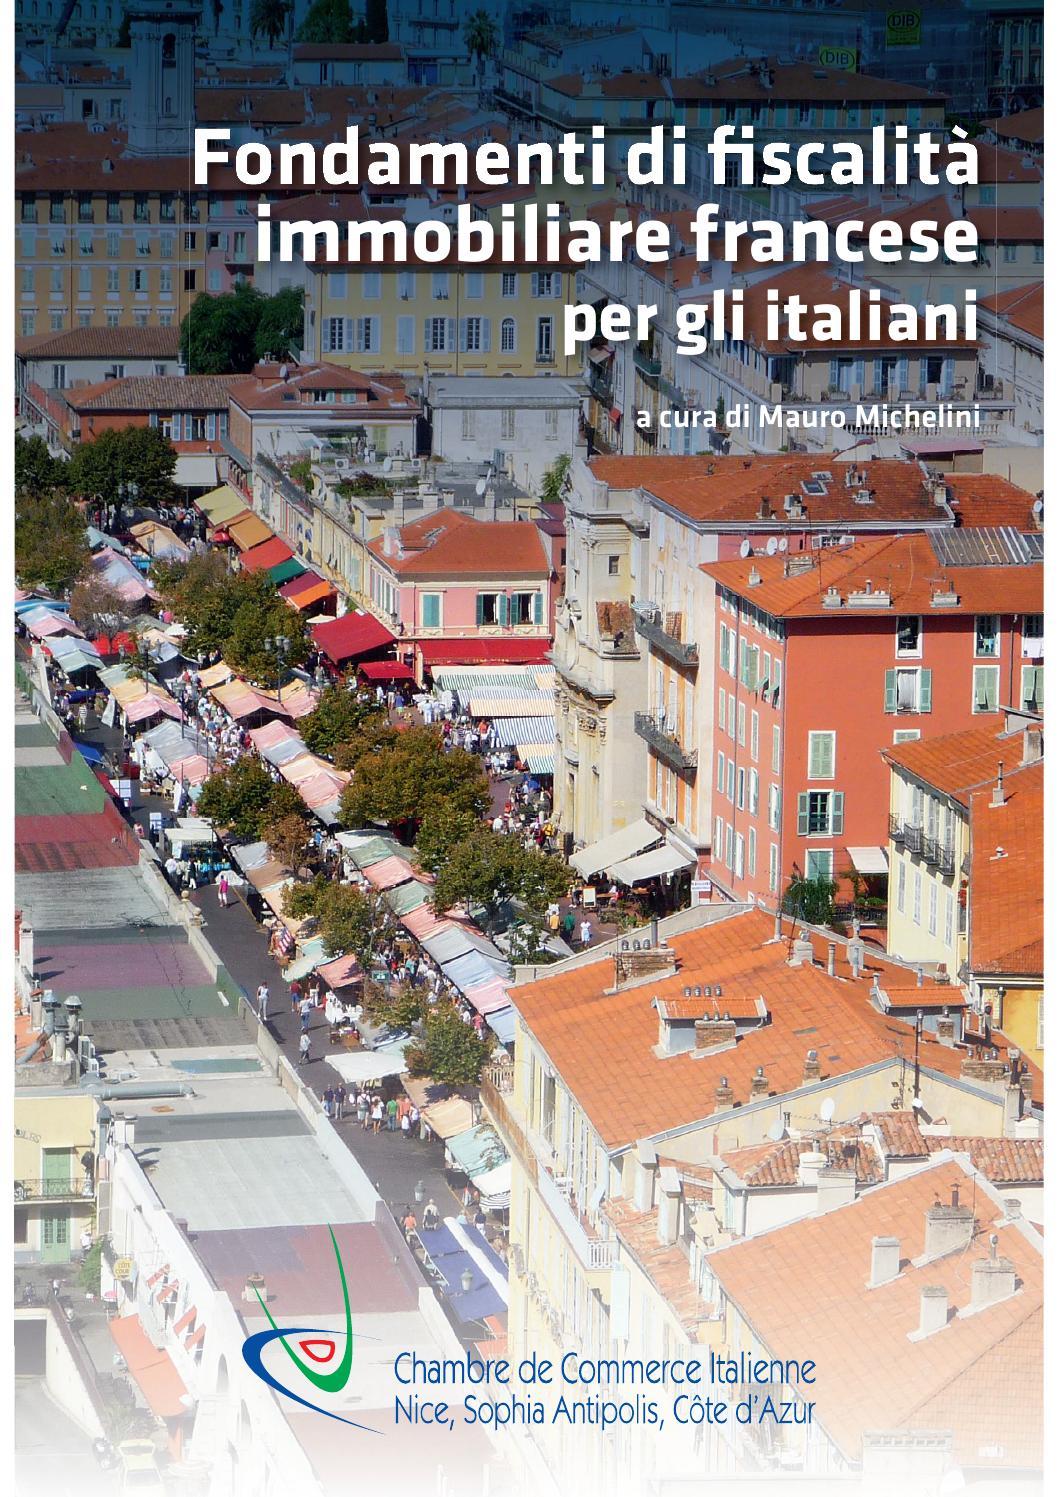 Fondamenti di fiscalit immobiliare francese per gli for Chambre de commerce italienne nice